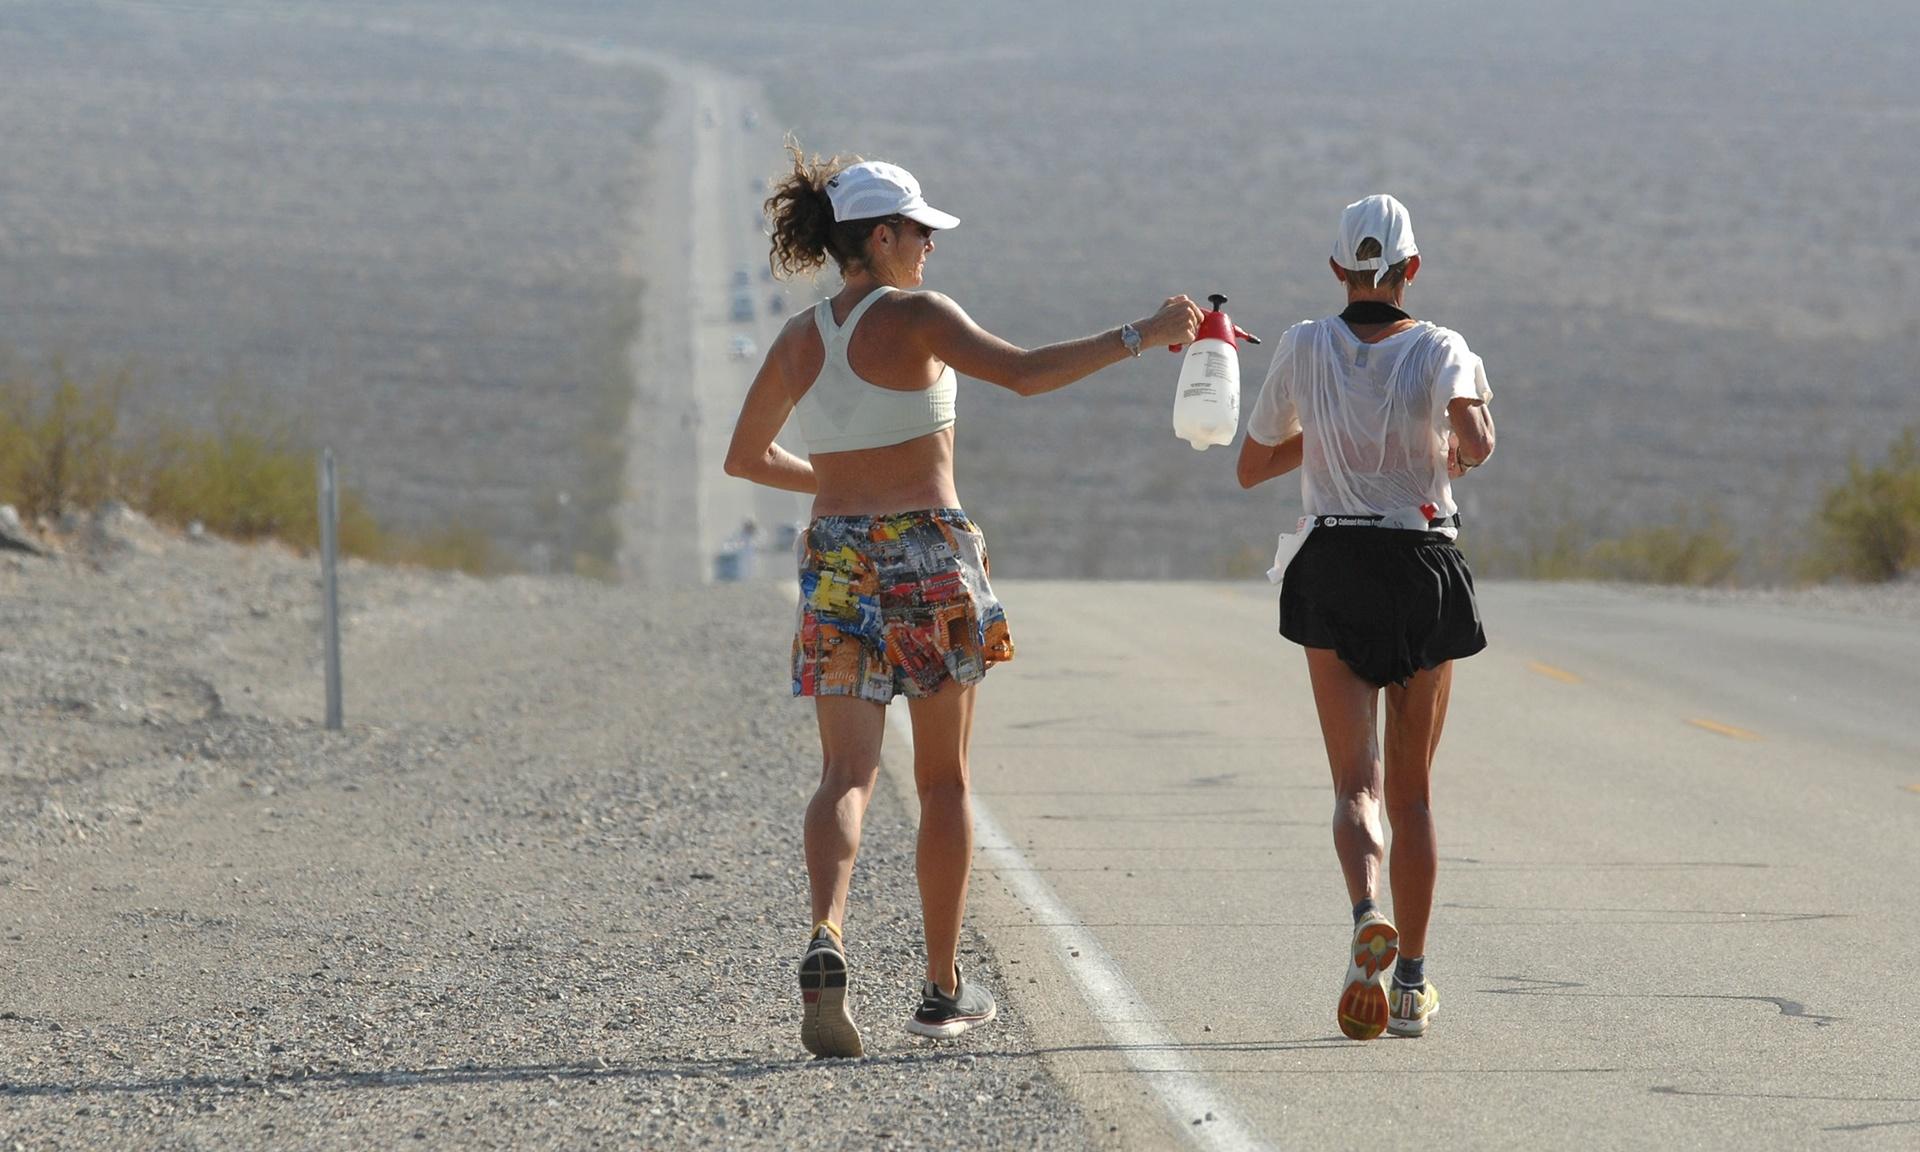 Pam Reed running the infamous Badwater ultramarathon Fot Stewart Cook Rex Features